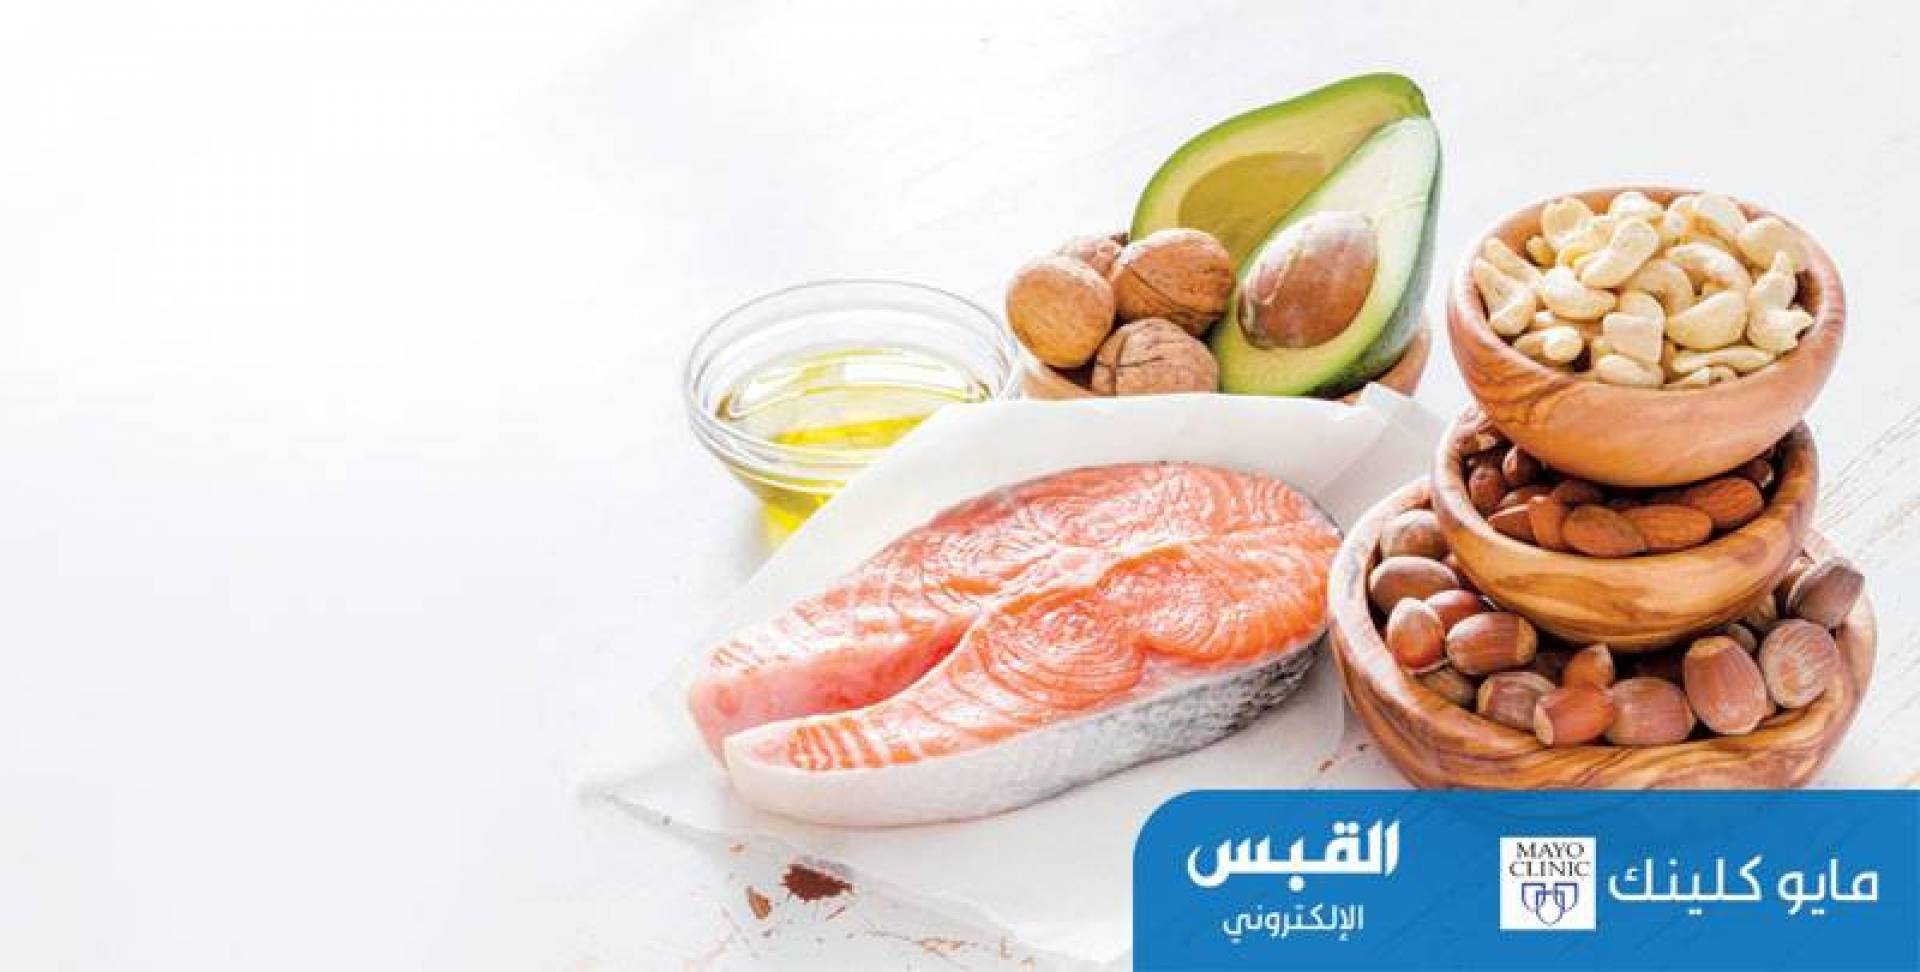 أطعمة تحمي القلب.. وتحارب الكولسترول